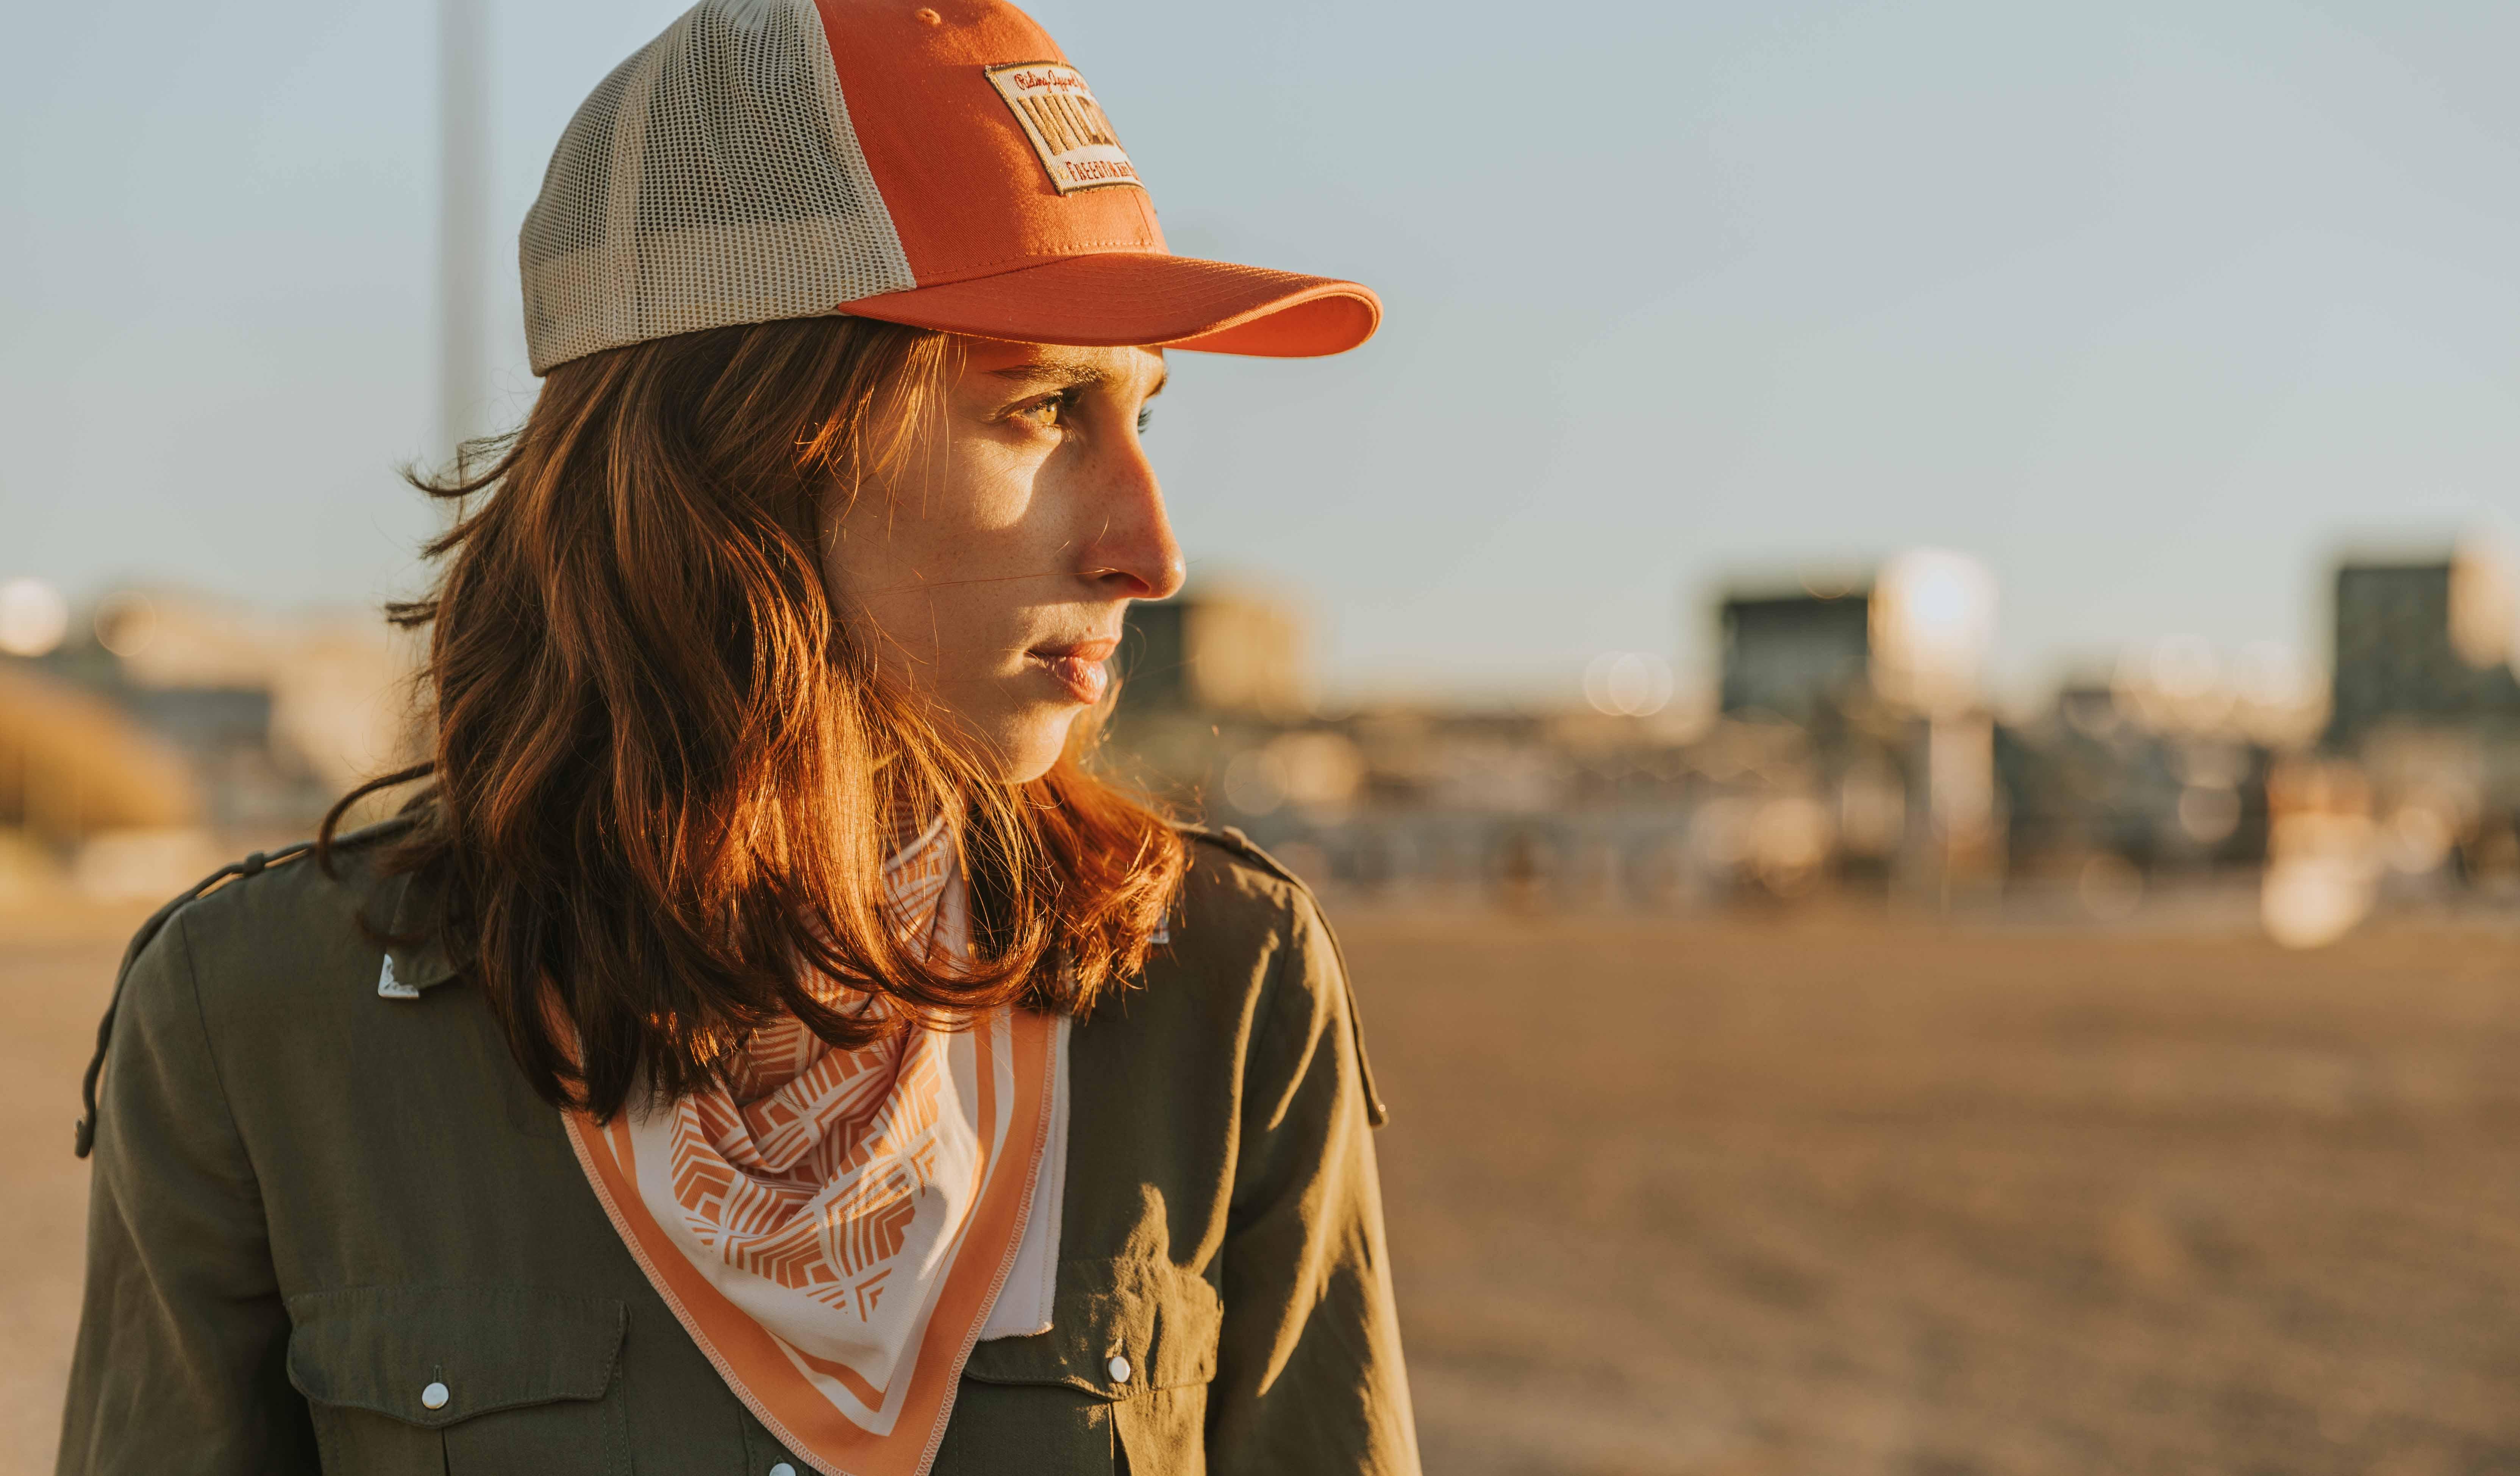 casquette orange wildust pour femmes